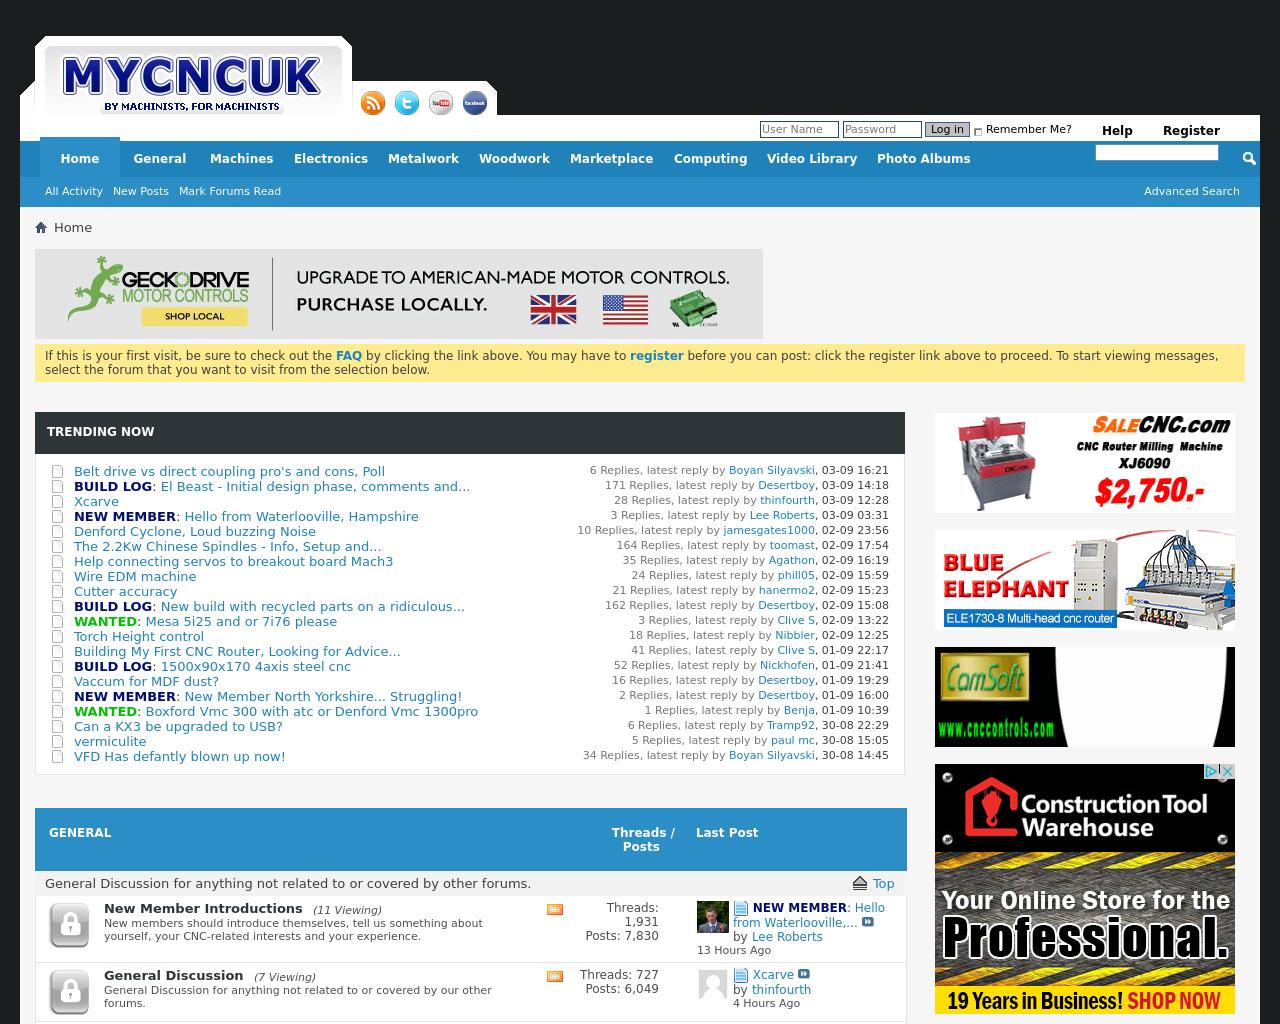 Mycncuk-Advertising-Reviews-Pricing